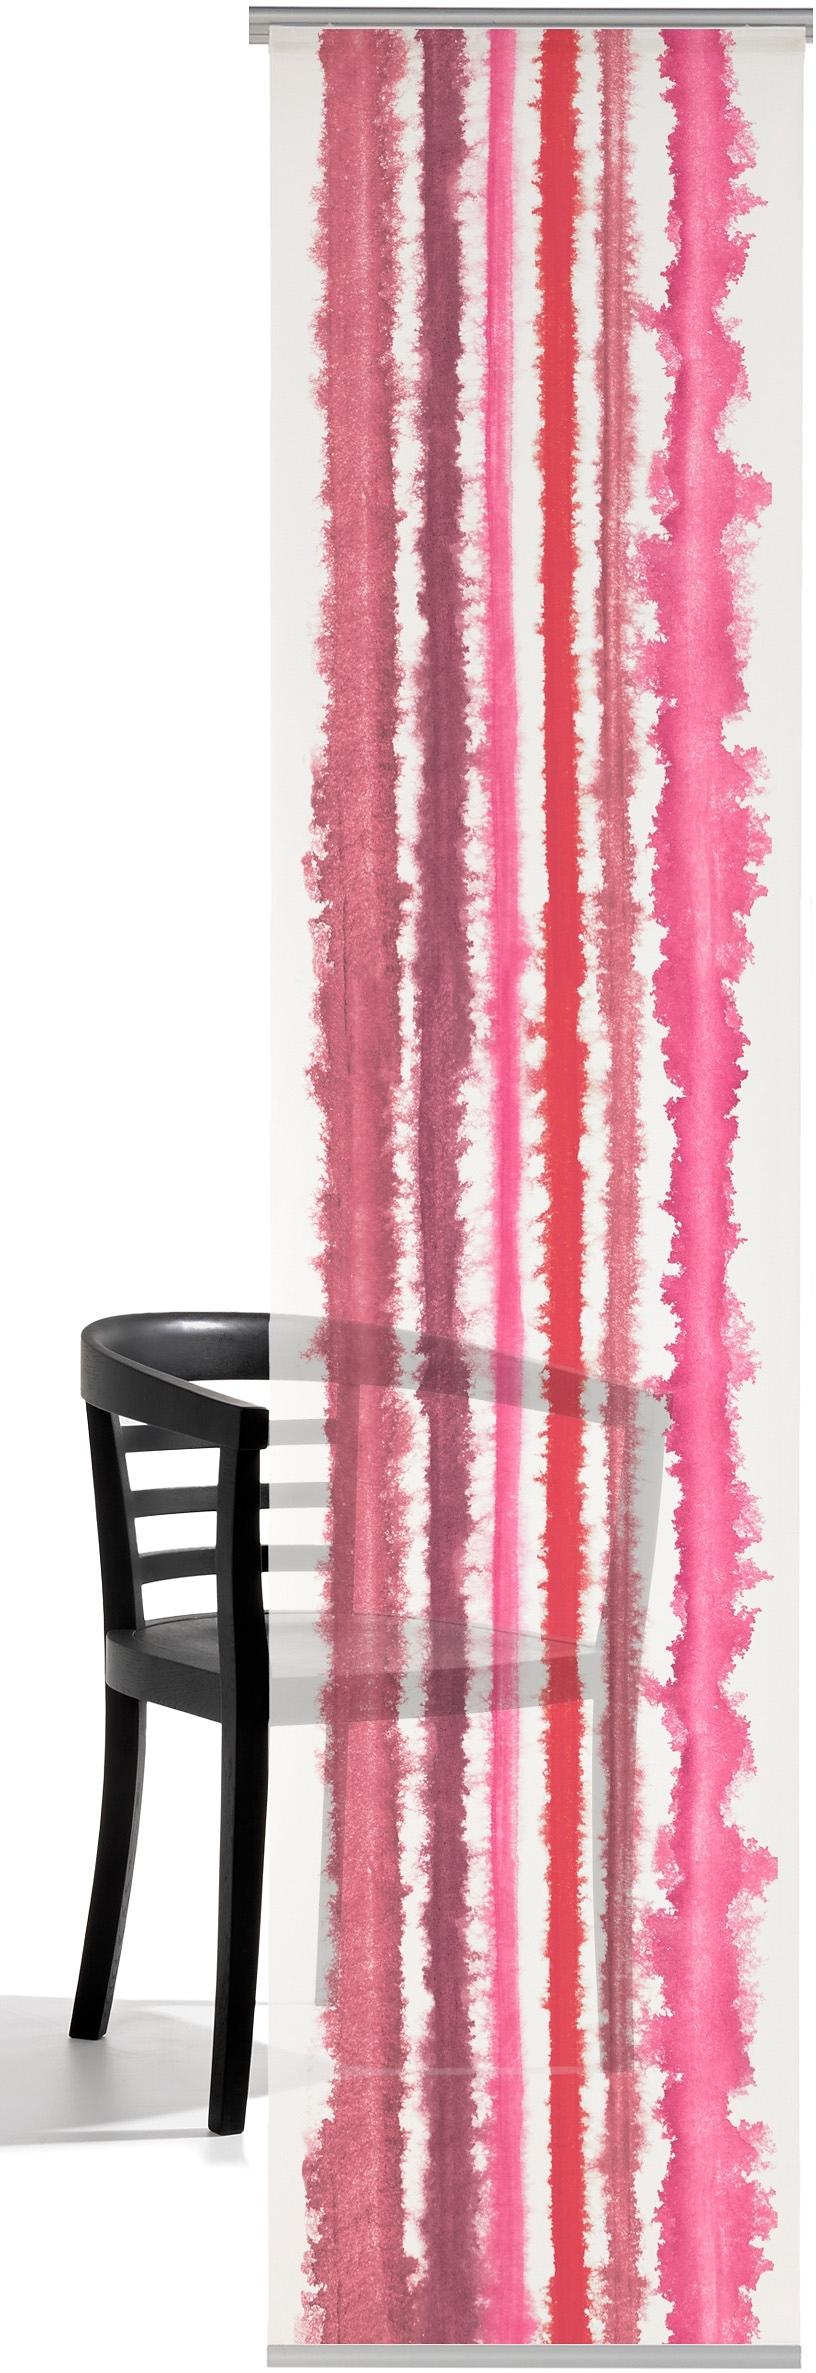 emotion textiles paneelgordijn Aquarelstrepen HxB: 260x60, inclusief bevestigingsmateriaal (1 stuk) veilig op otto.nl kopen